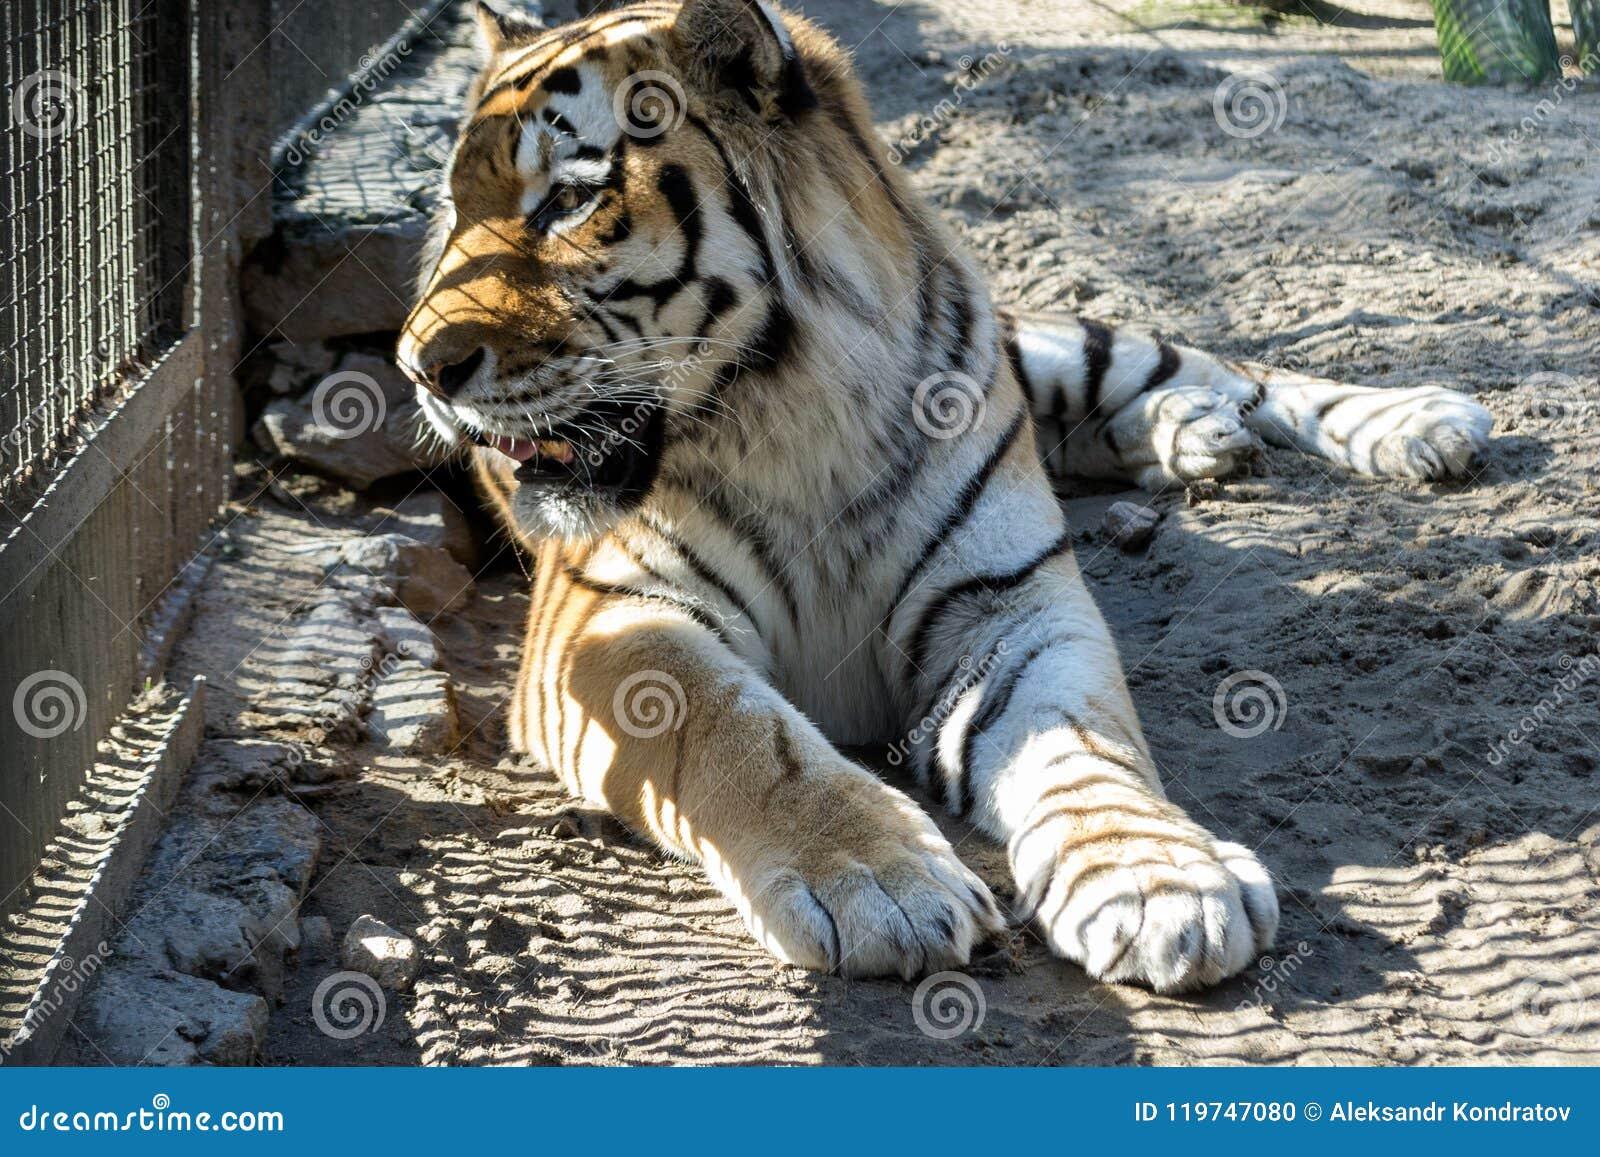 Amur tiger med orange och vit ull